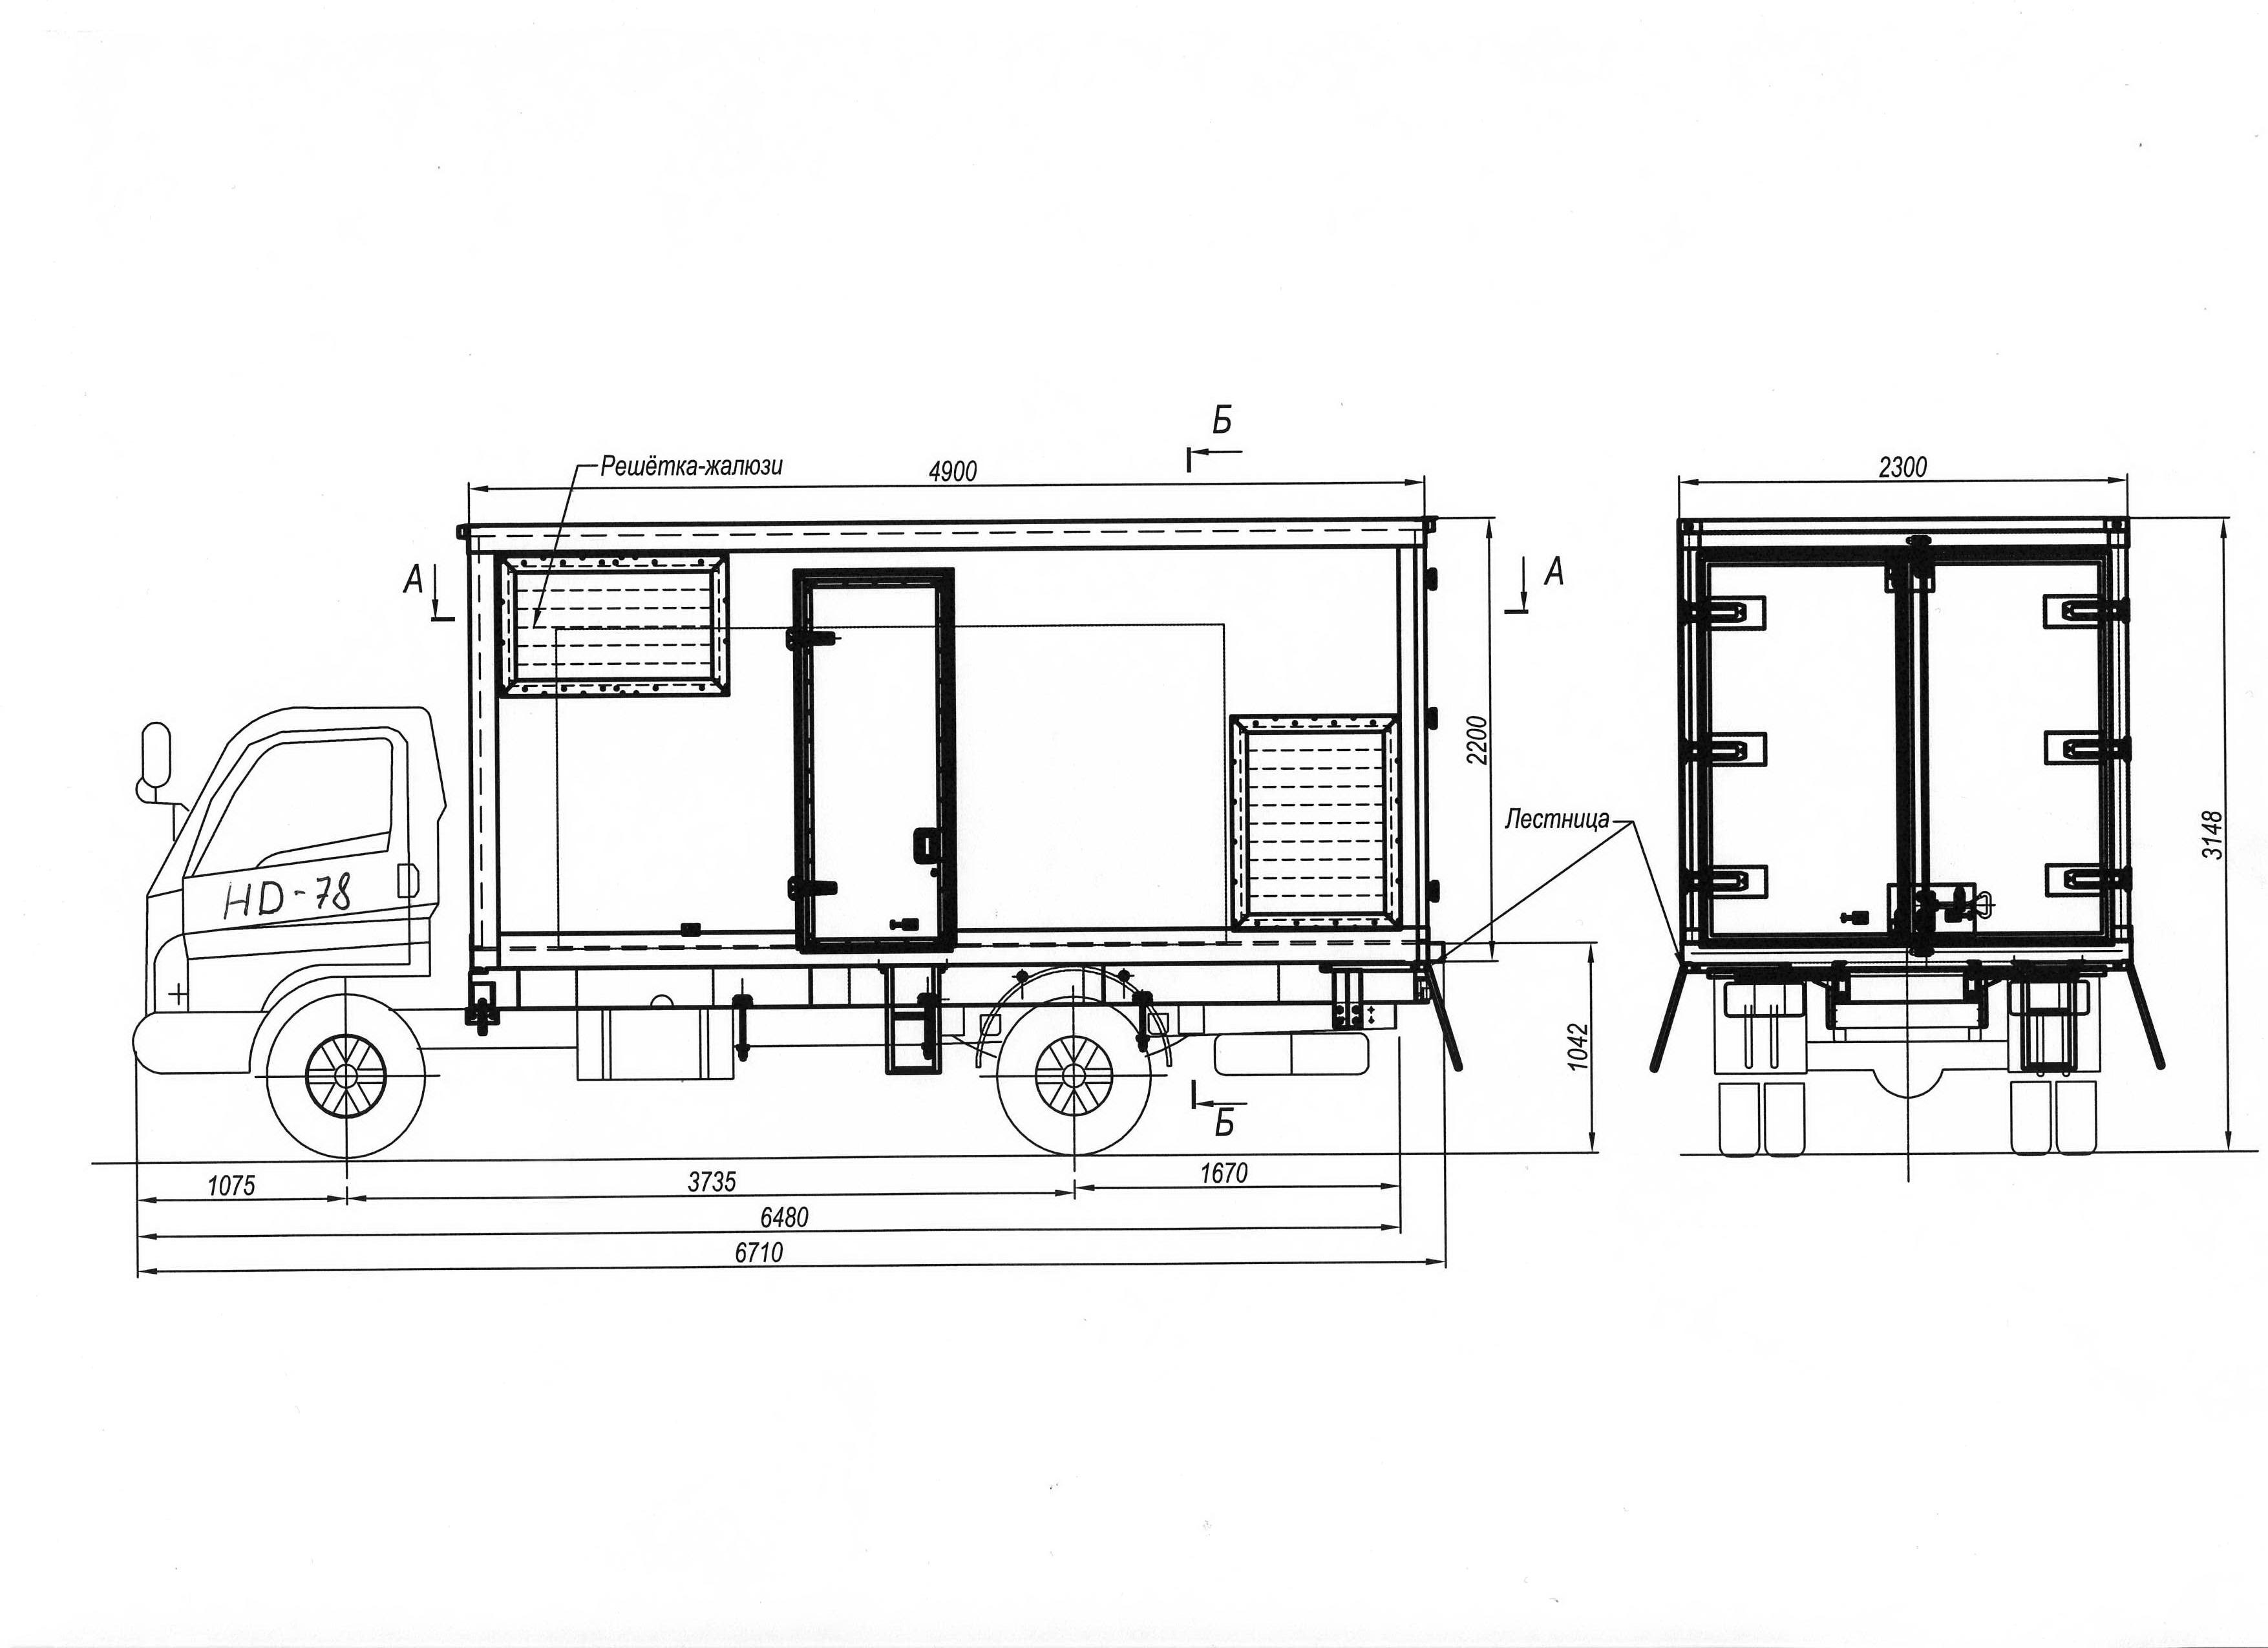 Светобаза на шасси а/м Hyundai-HD-78 с дизель-генератором Р150Р1 (Лихтваген) .